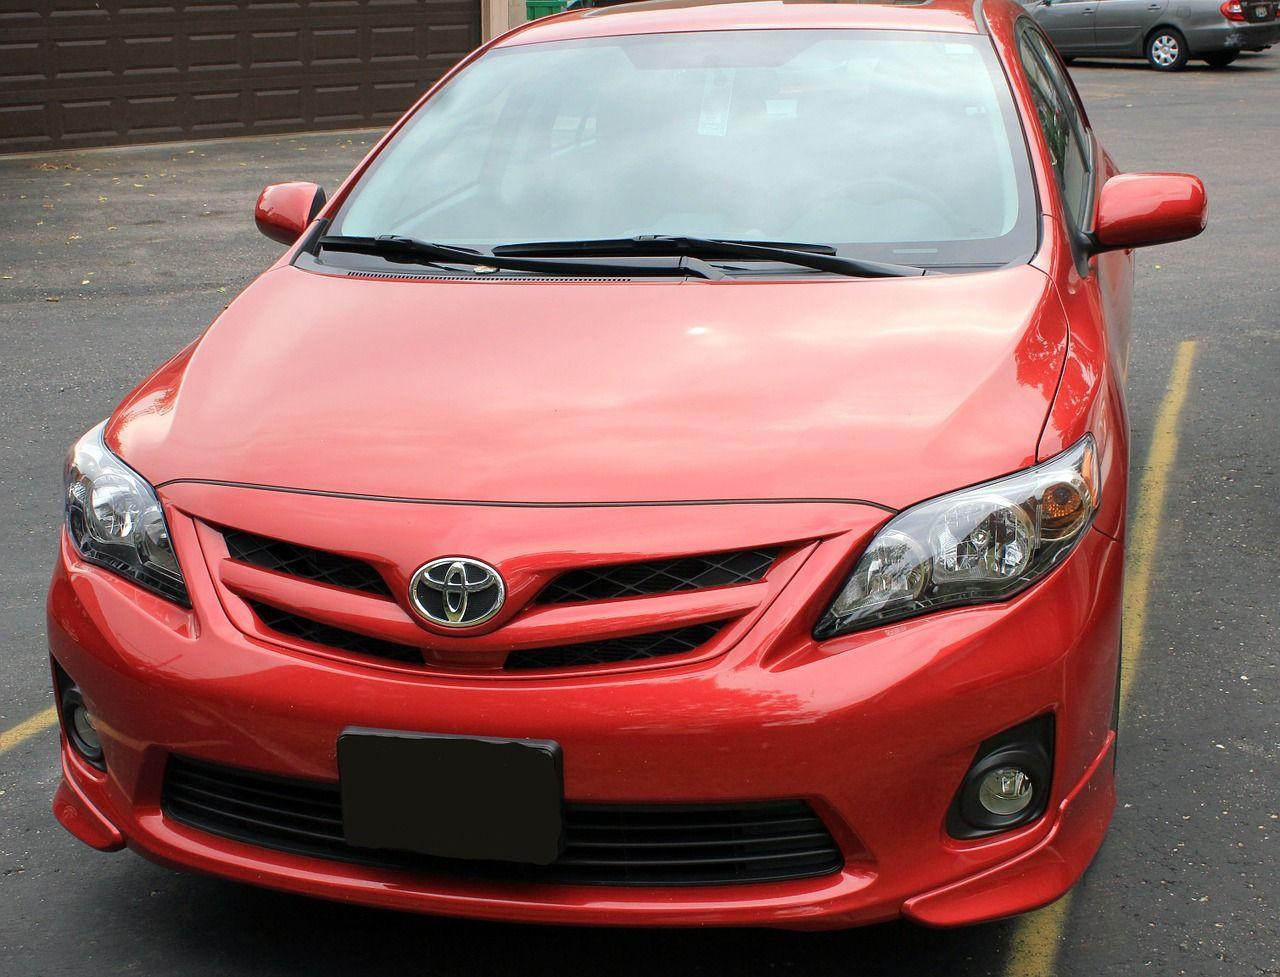 Toyota Corolla güncel liste fiyatlarında sürpriz indirim; Bu fırsat bir daha gelmez - Sayfa 1